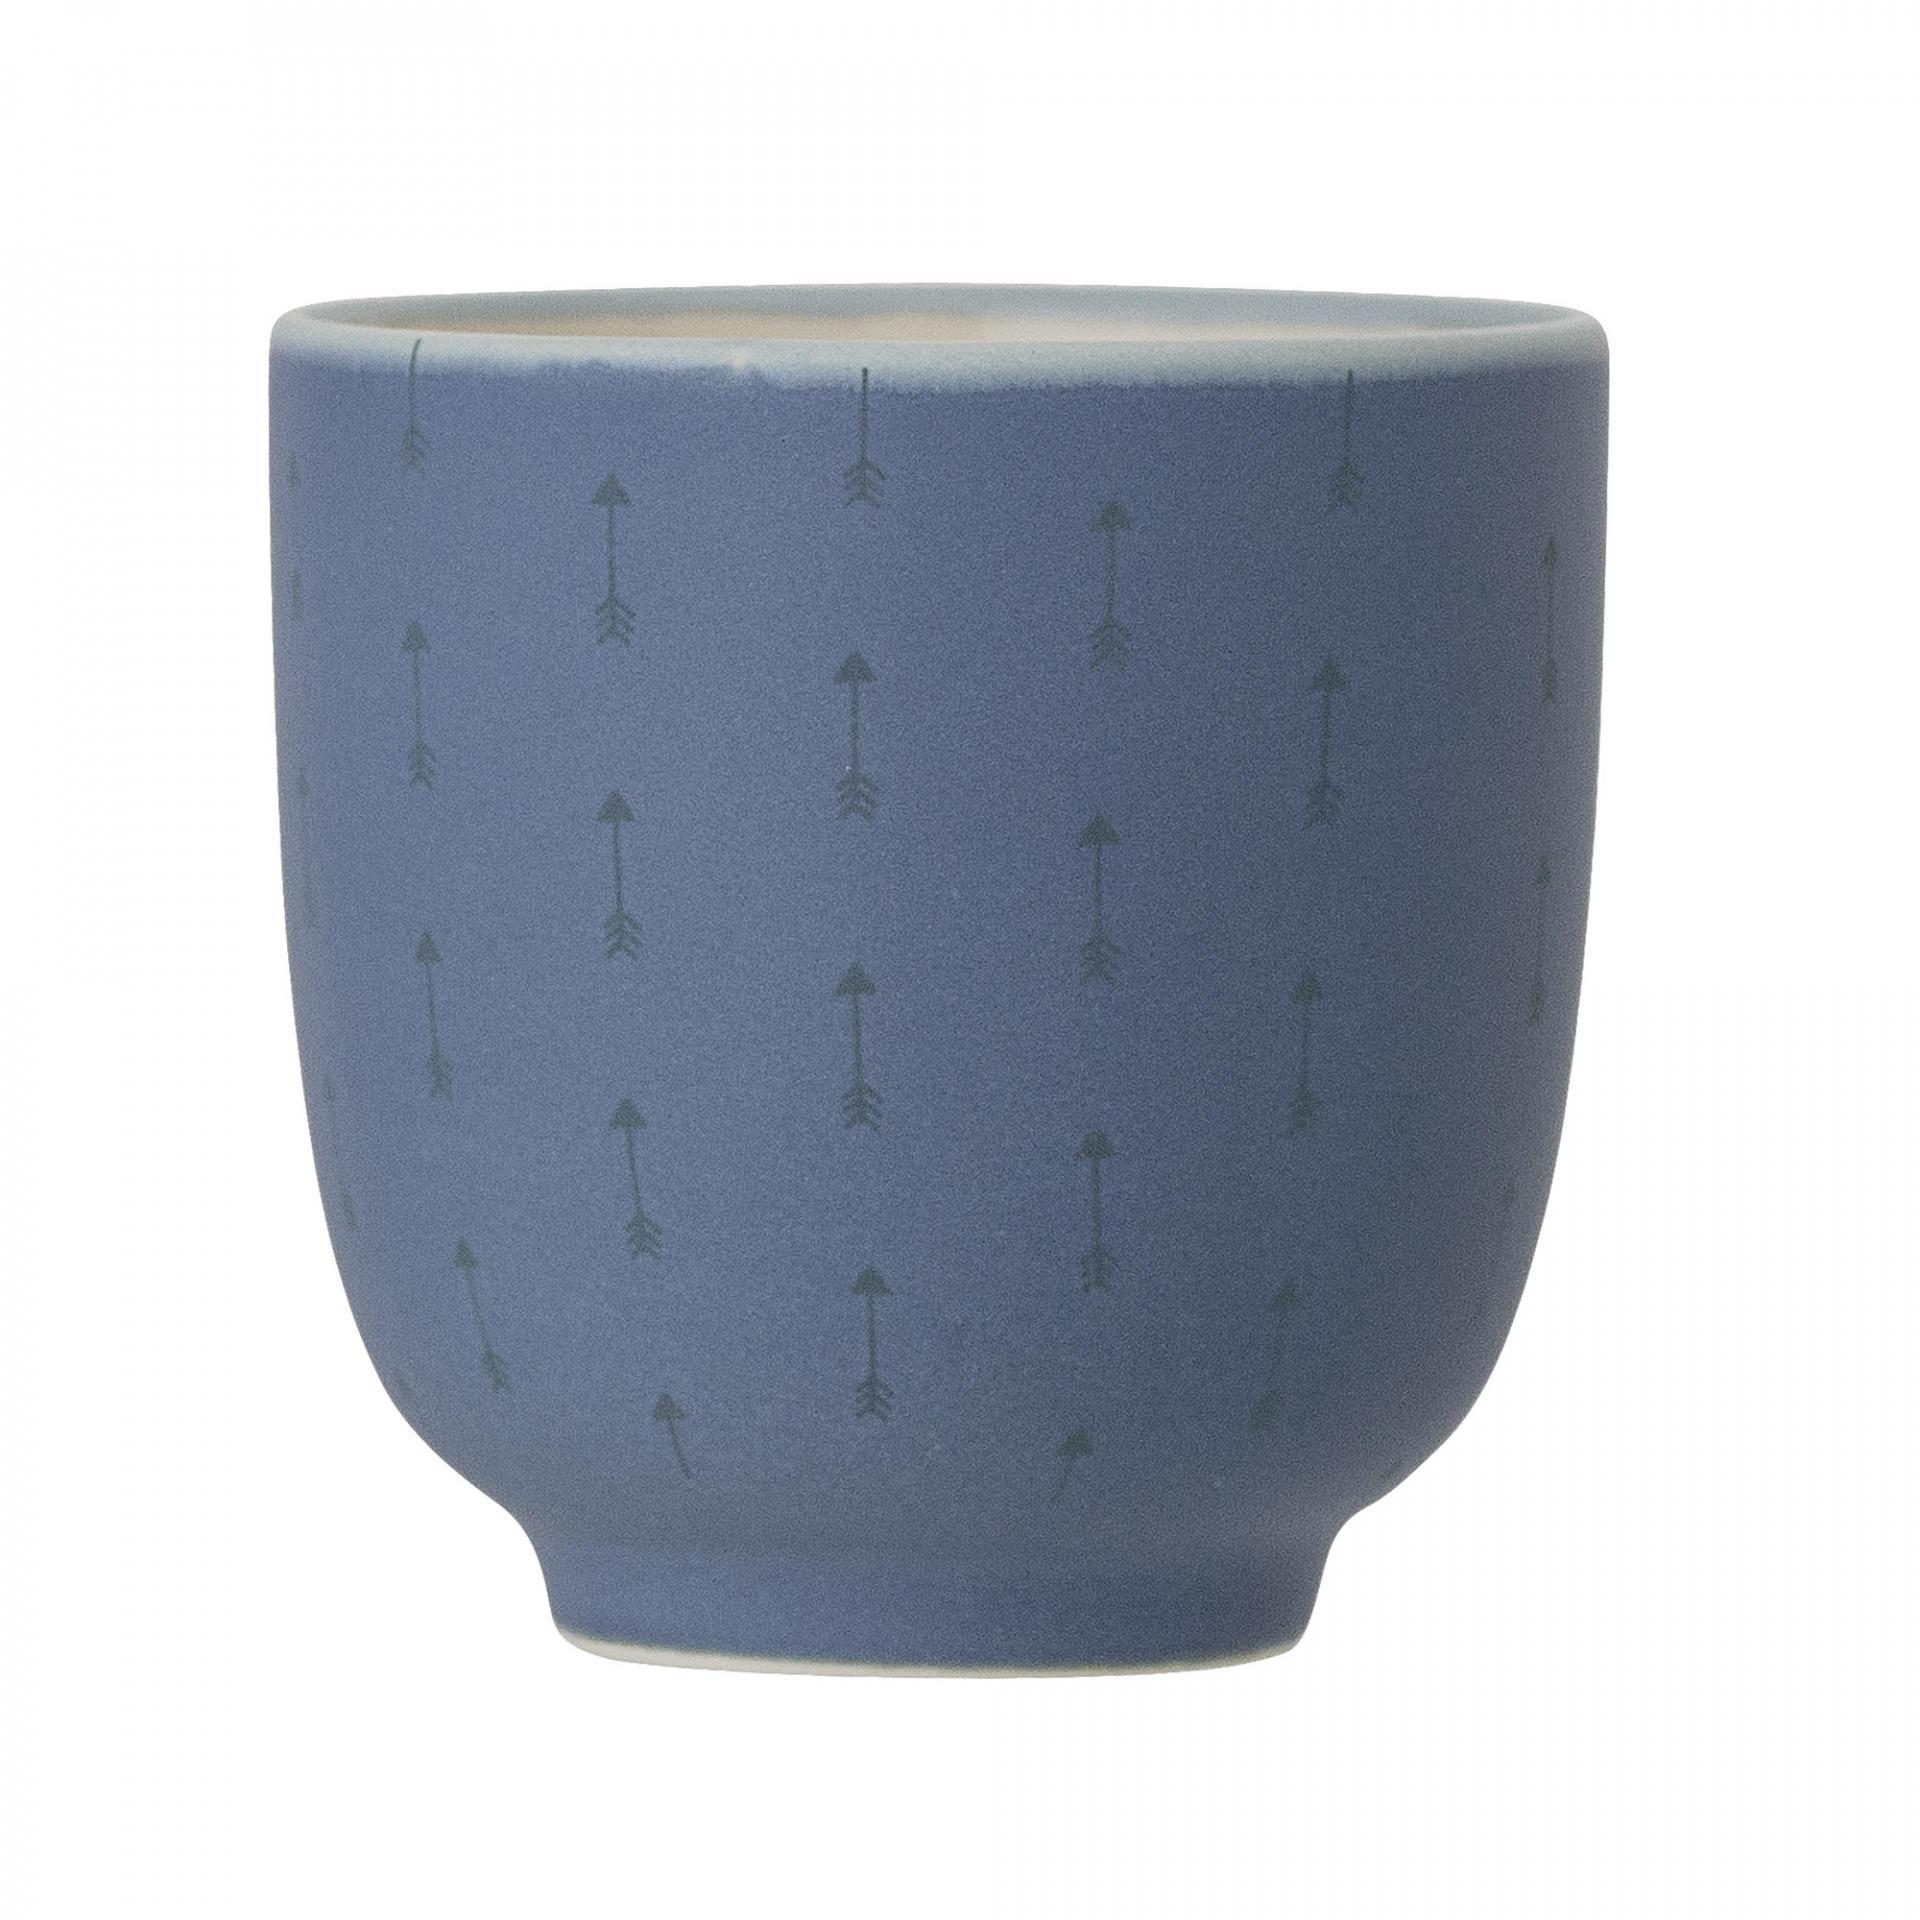 Bloomingville Keramický kalíšek Blue Arrow 170ml, modrá barva, béžová barva, keramika